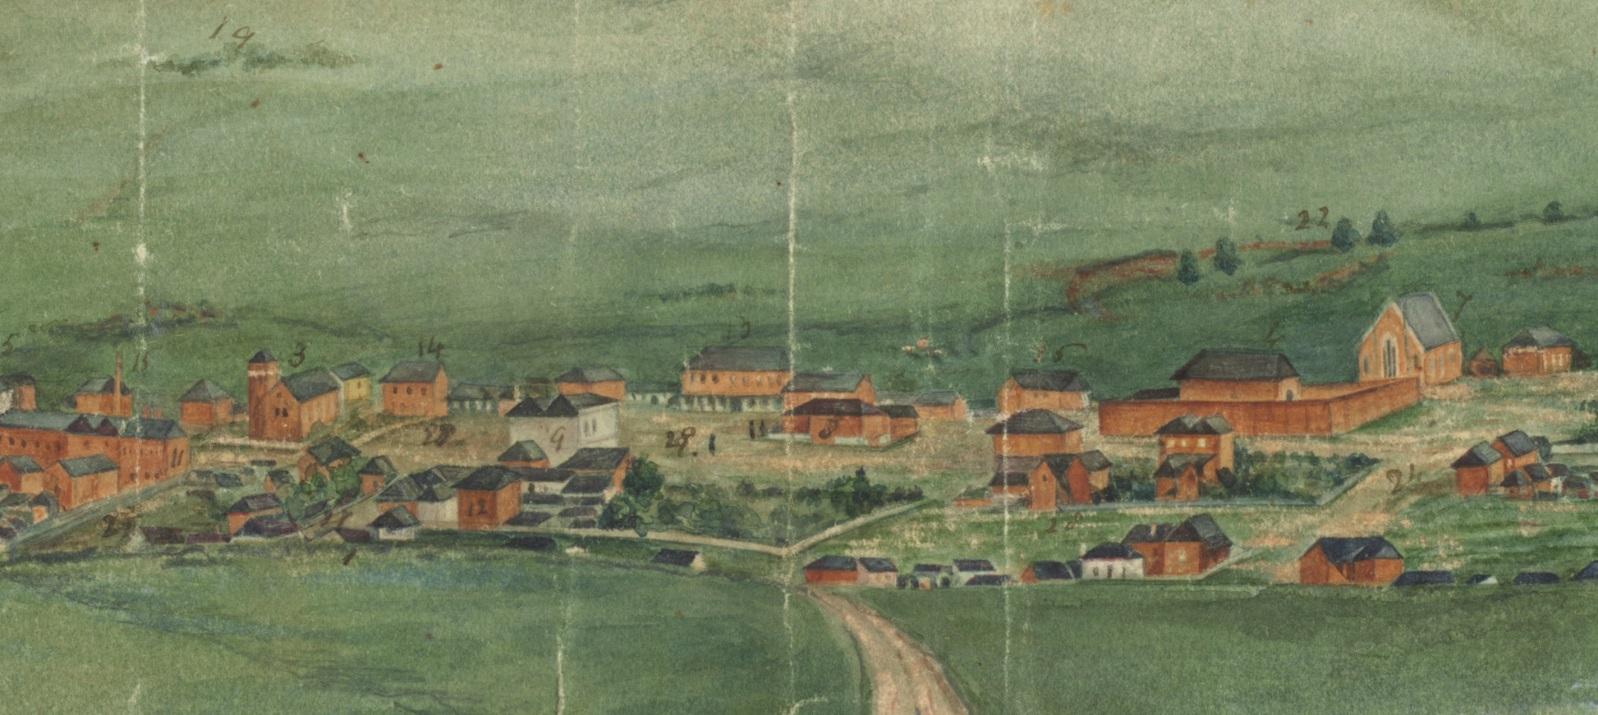 C1860s - Watercolour View of Bathurst (Artist unknown)